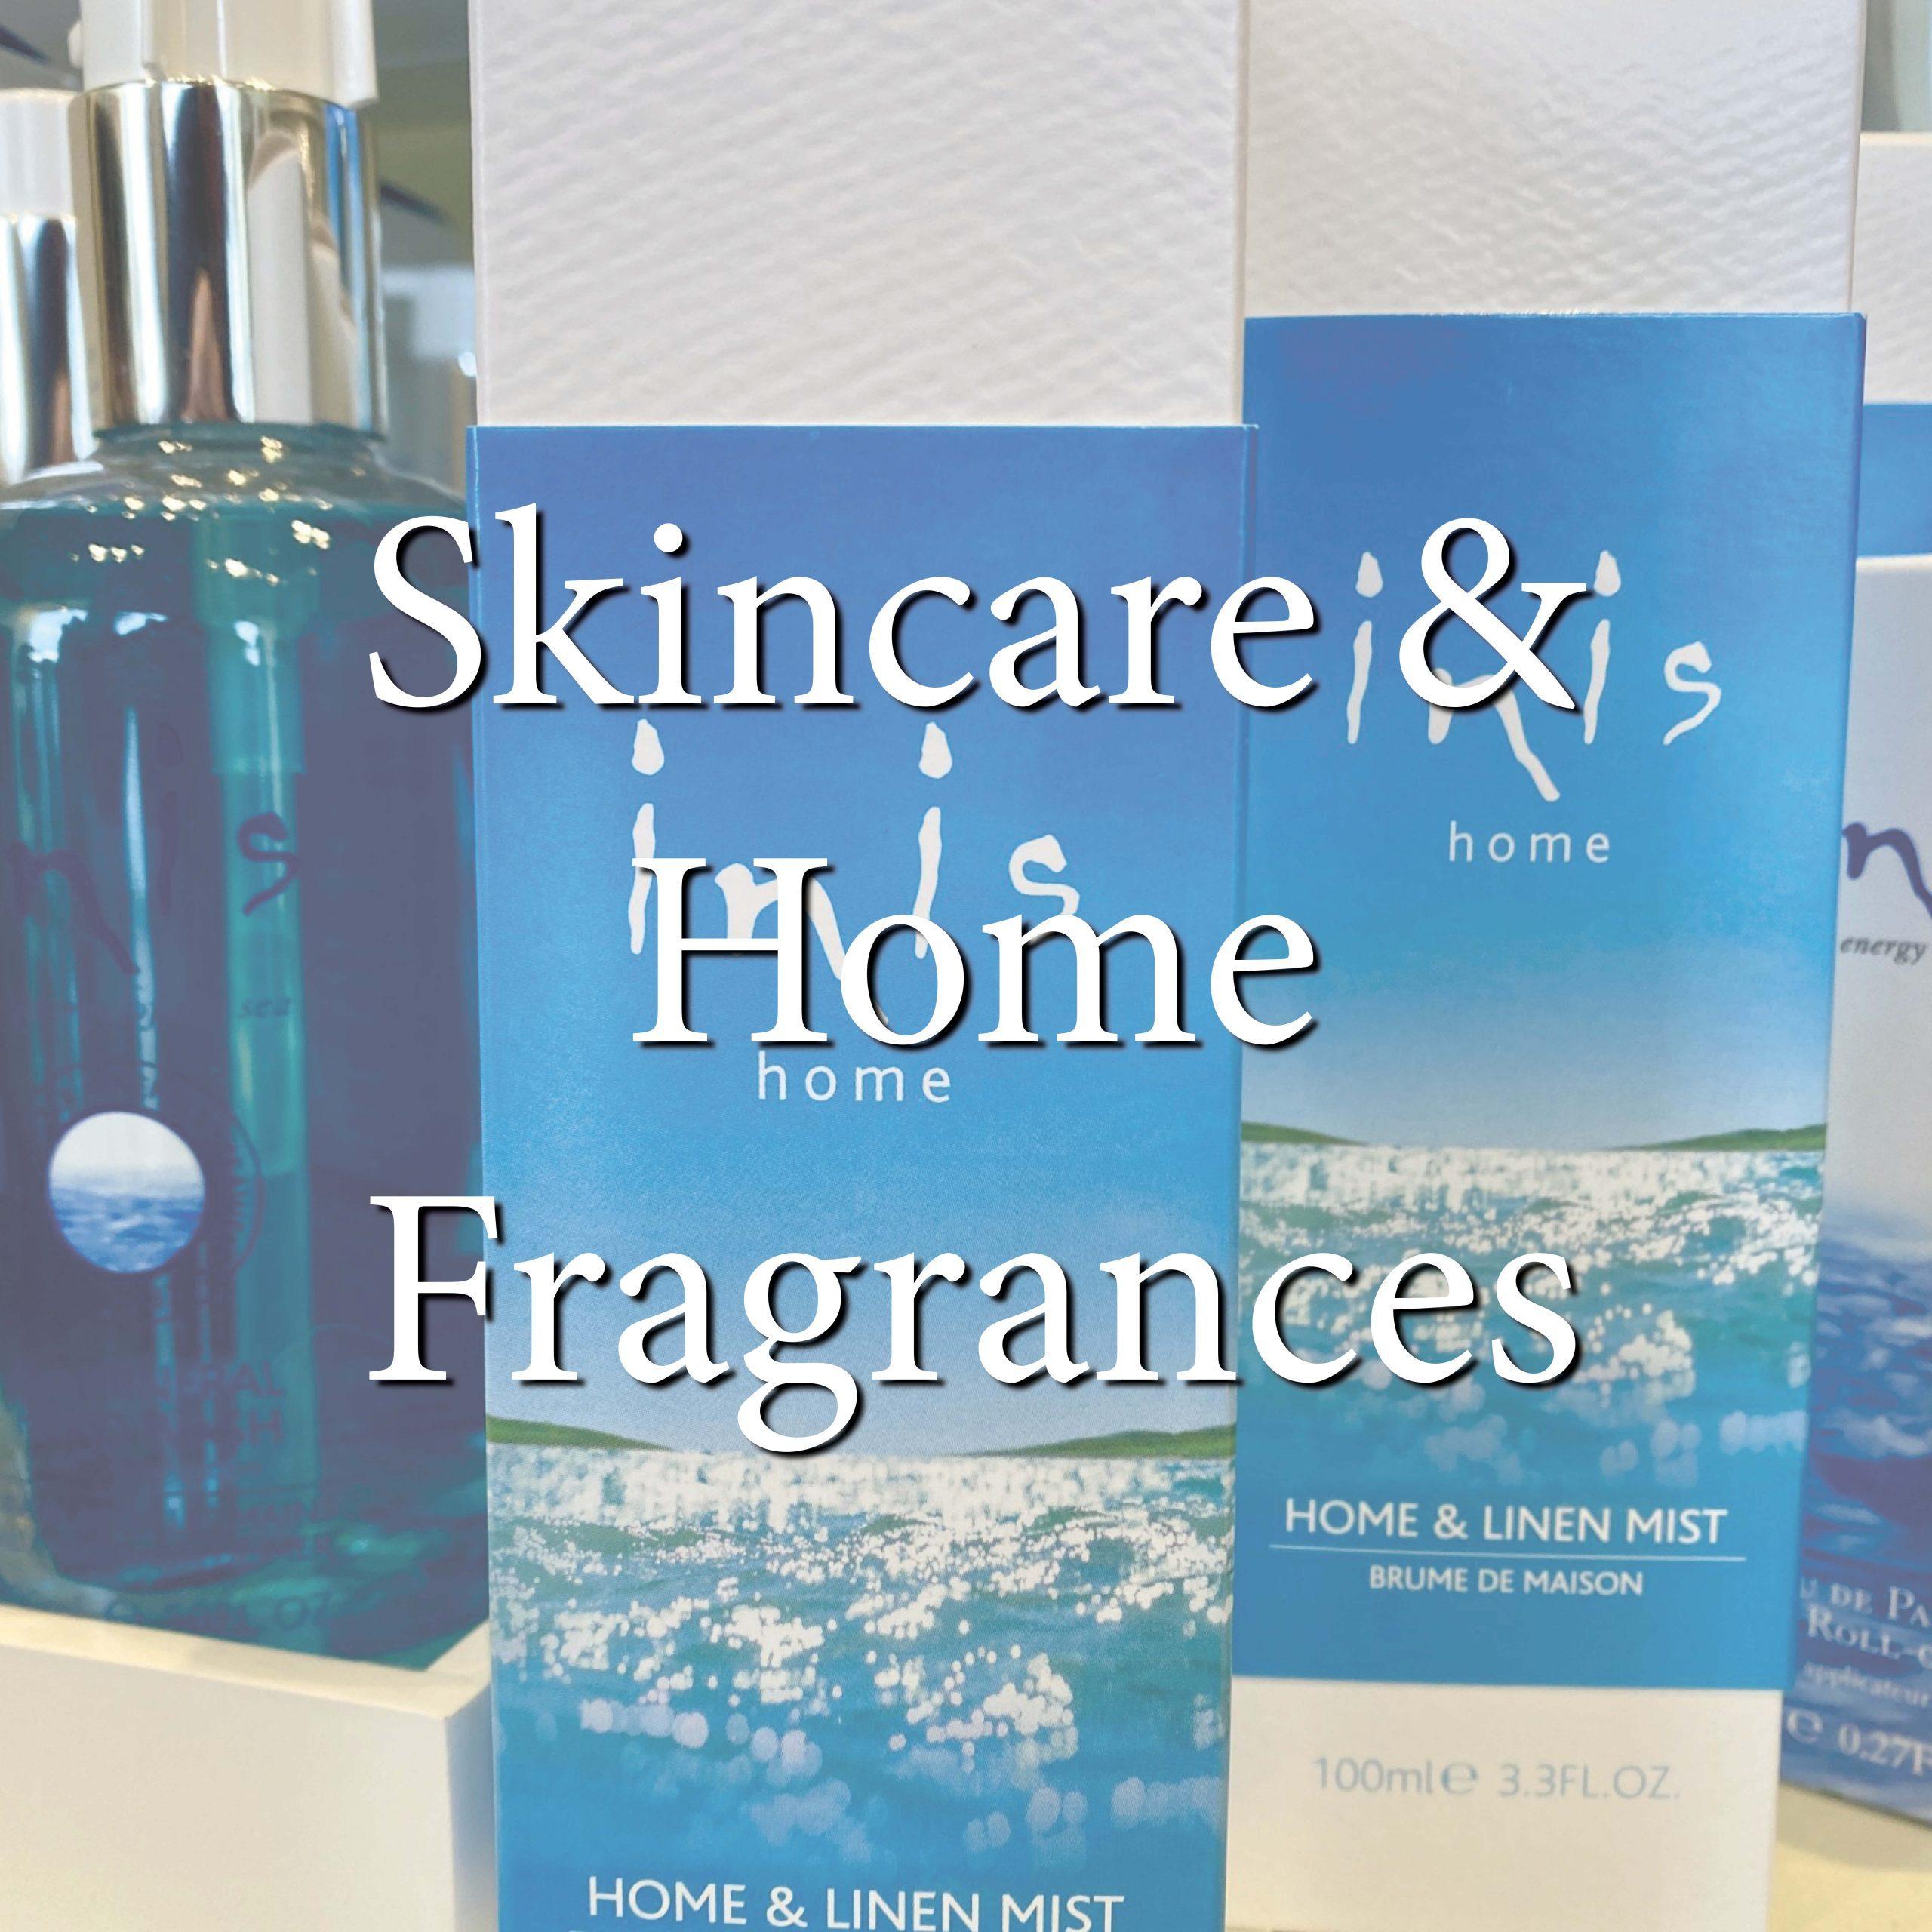 skincare home fragrances